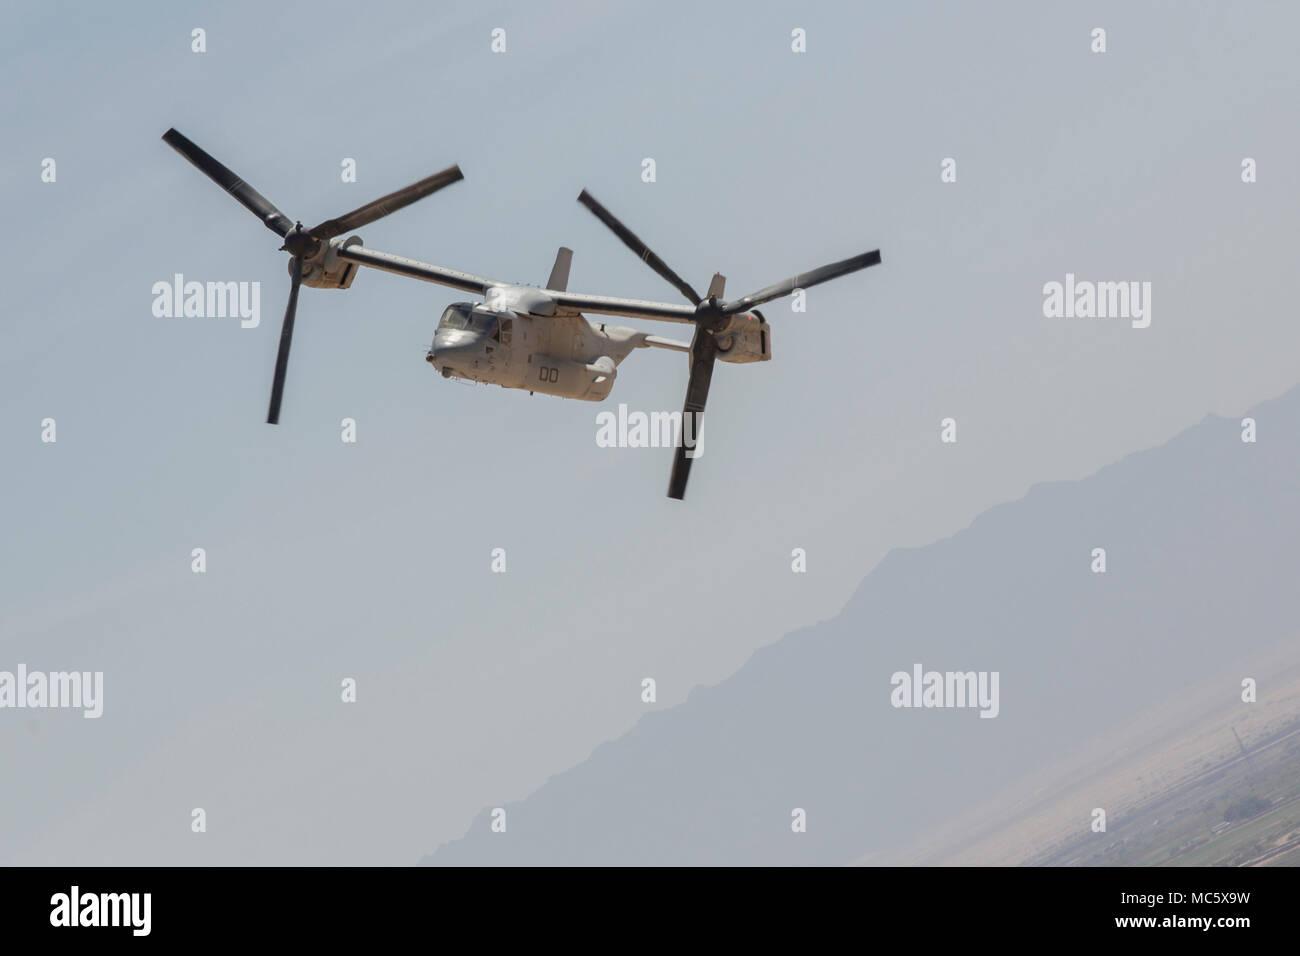 Un Cuerpo de Marines de EE.UU MV-22 Osprey con armas y tácticas de Aviación Marina Escuadrón 1 vuela por artillería de cola durante la certificación de aptitud y capacitación en apoyo de armas y tácticas Instructor 2-18 en el Centro, California, el 10 de abril. El WTI es un evento de capacitación de siete semanas hospedado por MAWTS-1 cadre, que enfatiza la integración operacional de las seis funciones de aviación del Cuerpo de Infantería de Marina en apoyo de una masa de aire marino Task Force y proporciona entrenamiento táctico avanzado estandarizado y certificación de instructor de la unidad de calificación para apoyar la Aviación Marina Formación y preparación y ayuda Foto de stock